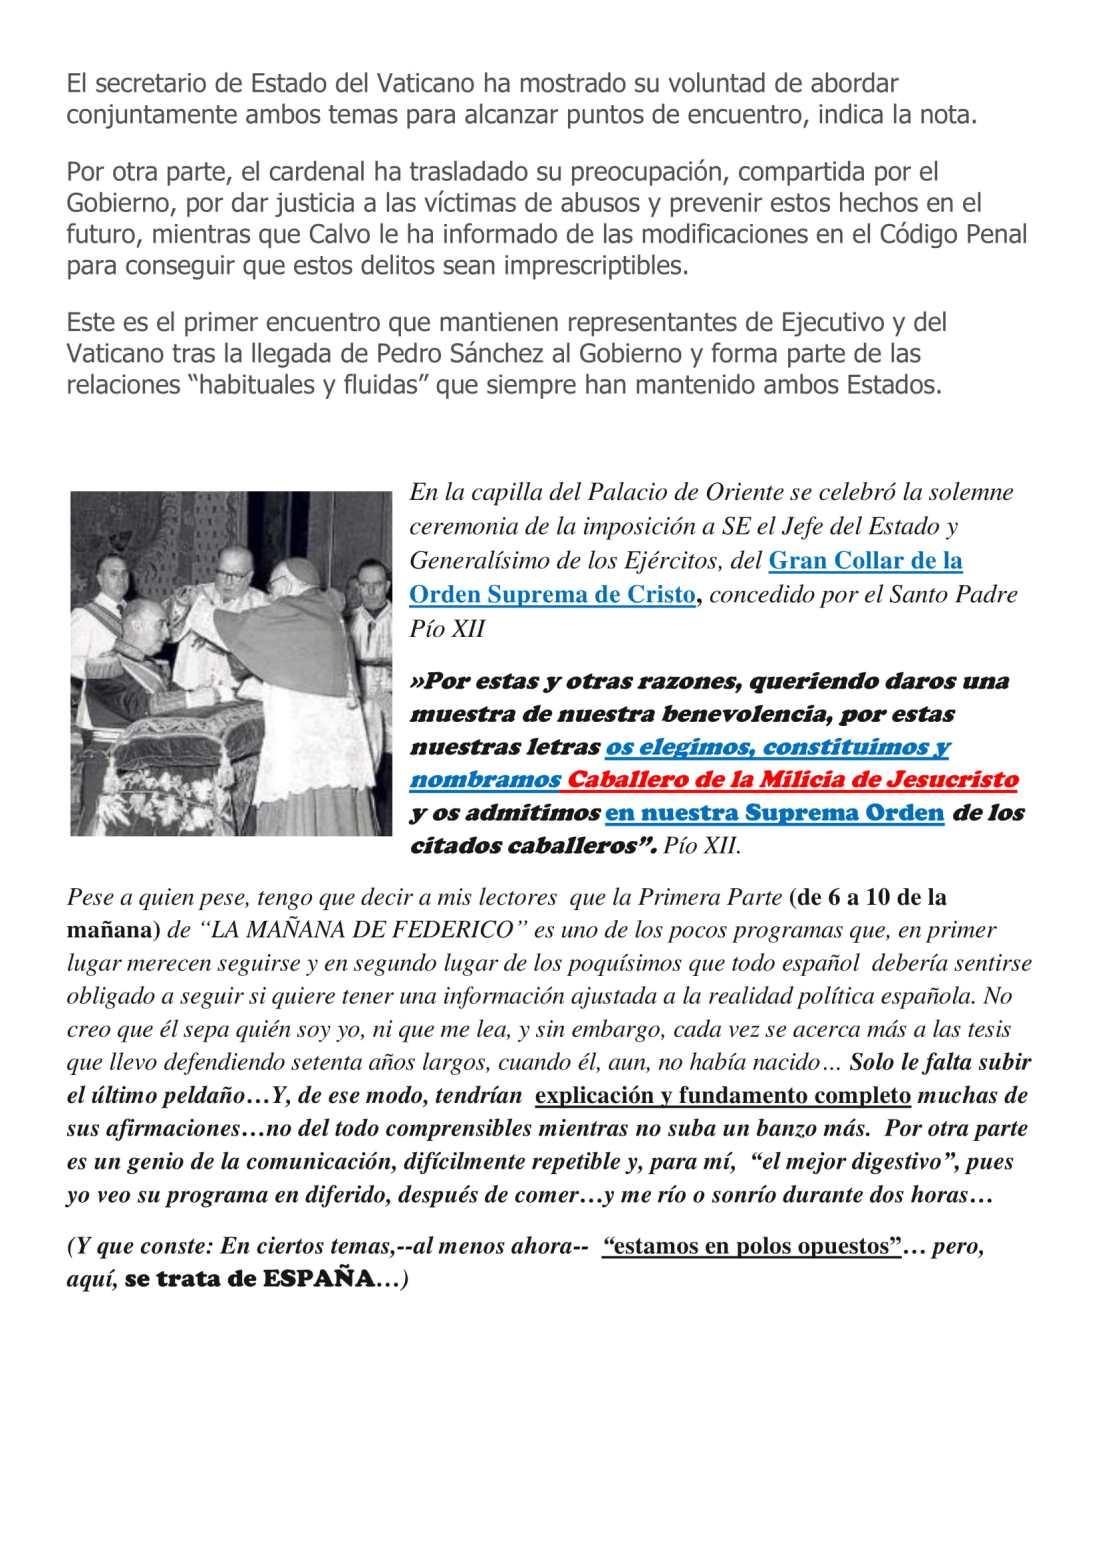 LA COBARDE Y REPELENTE-3